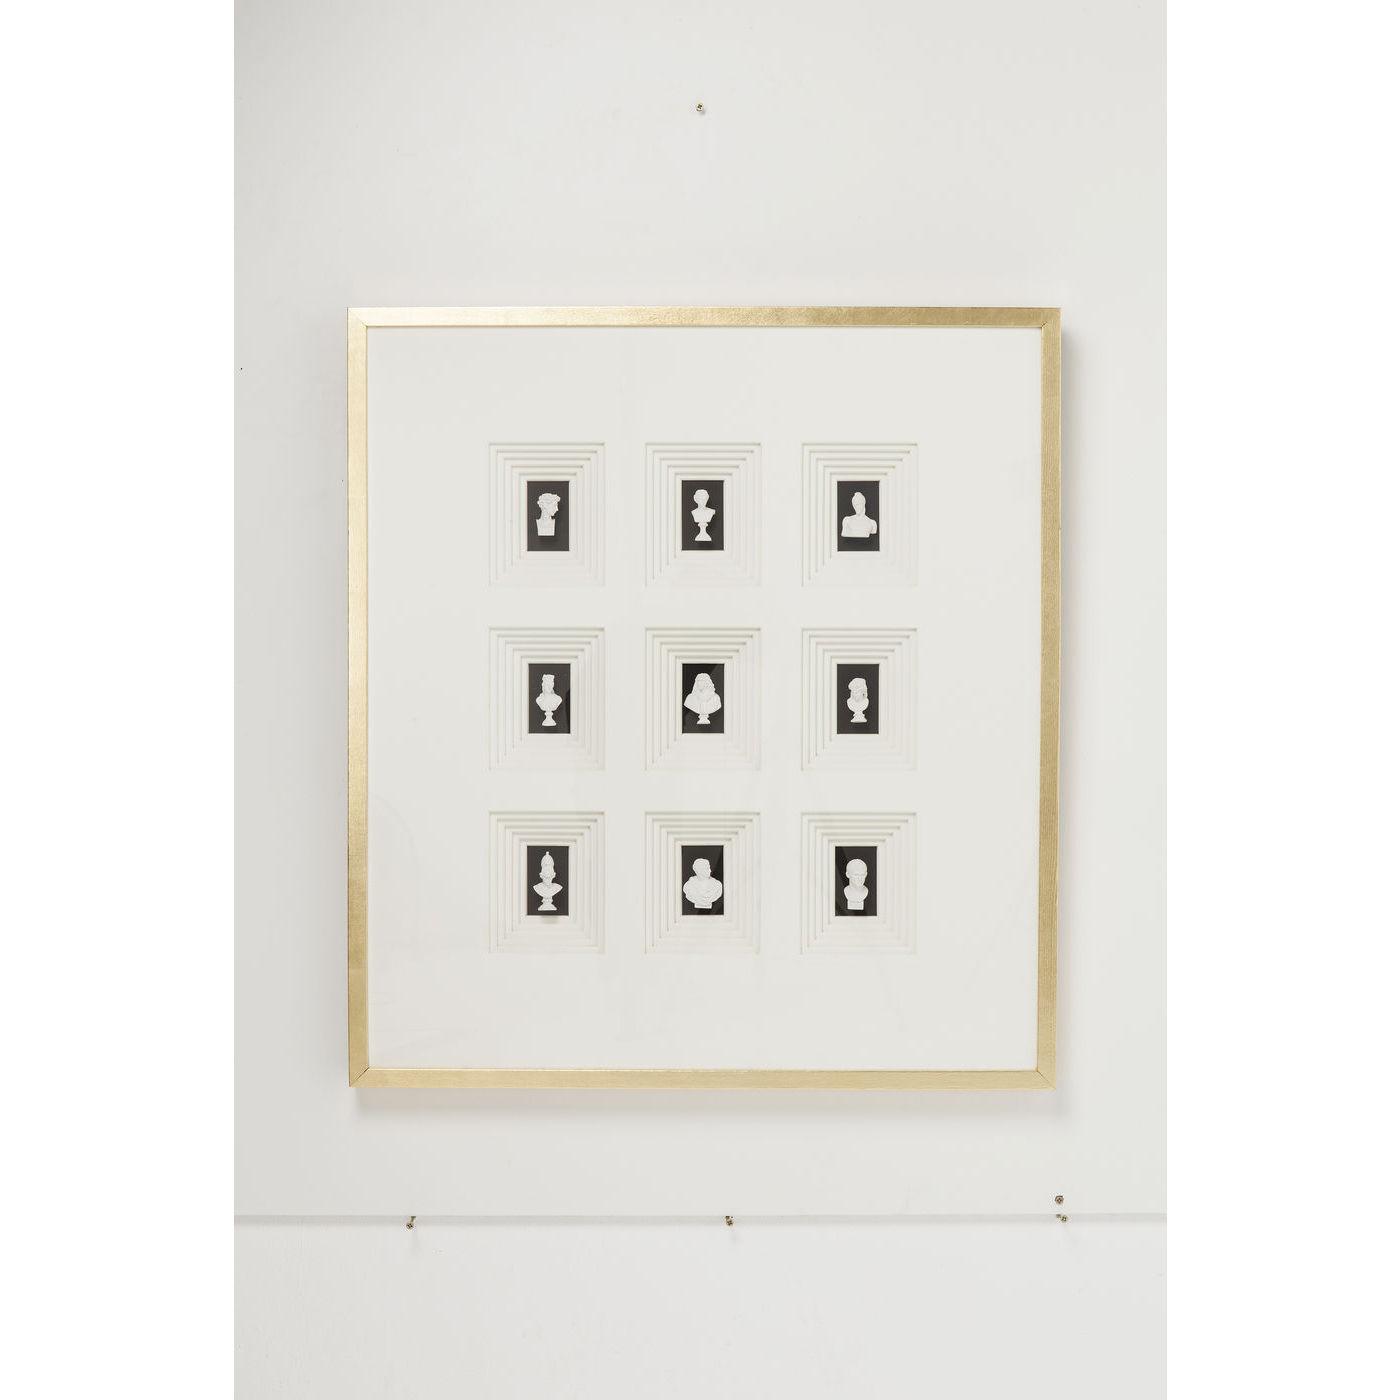 KARE DESIGN Ancient Art Nove vgdekoration - hvidt papir/polyresin, klart glas, guld tr (110x100)